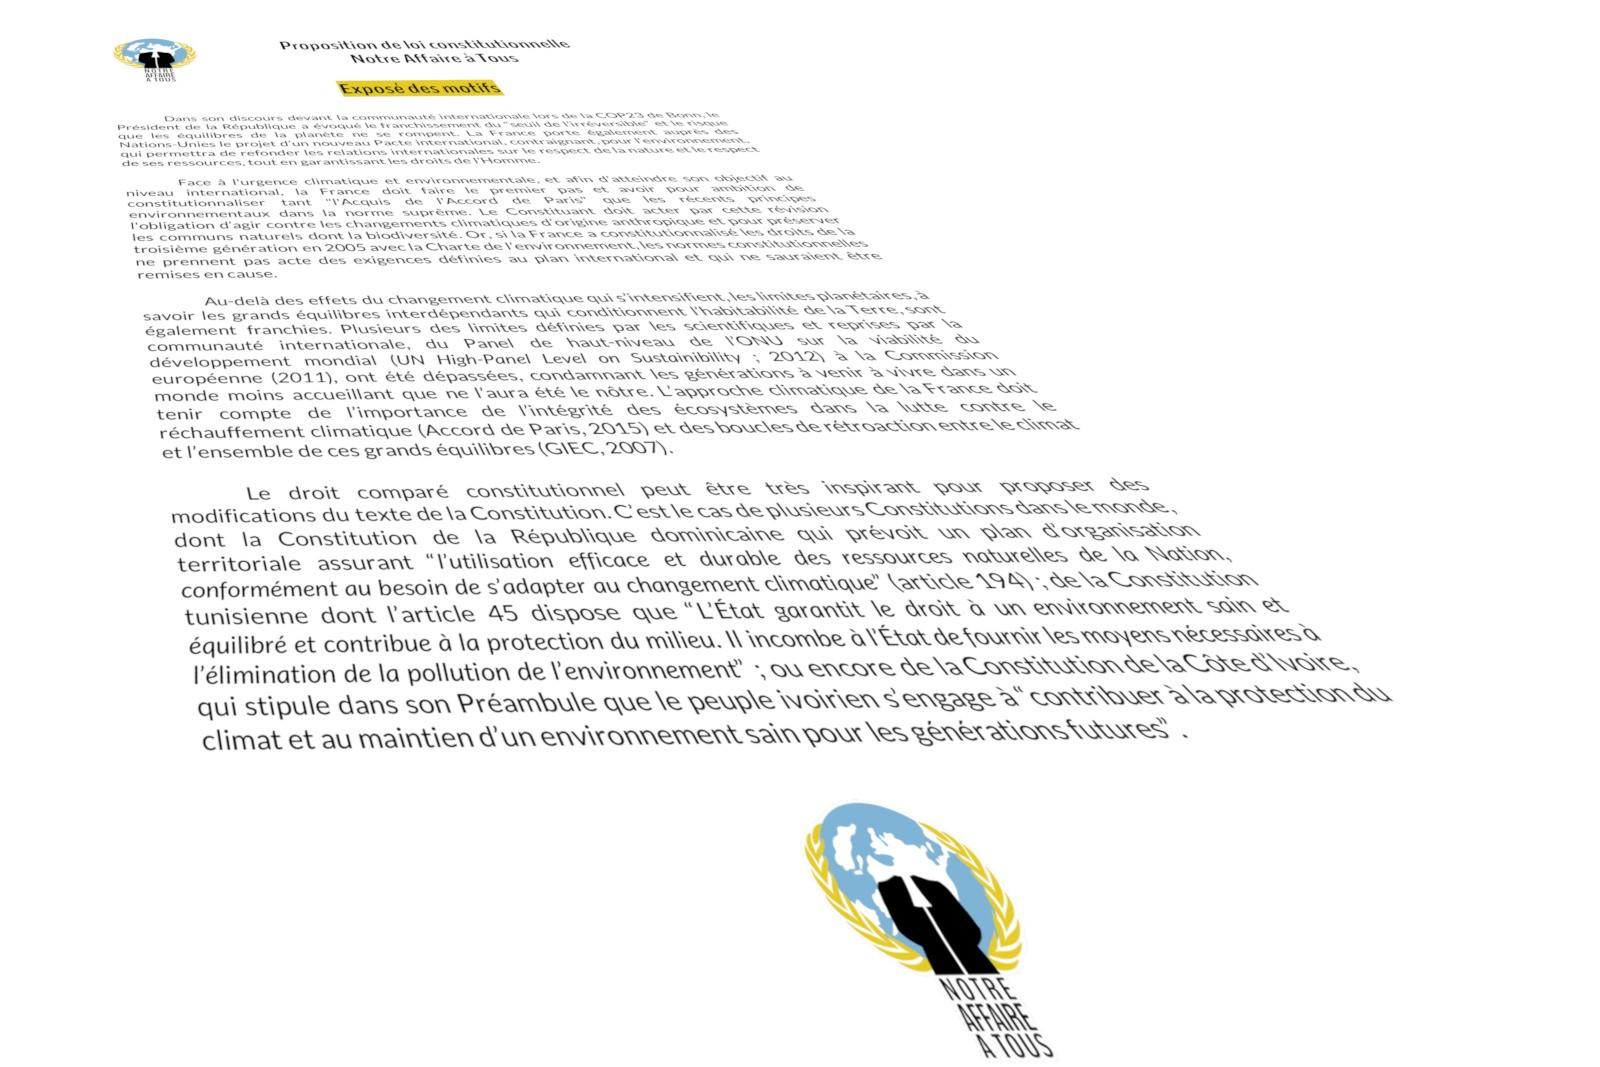 Proprosition-de-loi-constitutionnelle-Notre-Affaire-a-Tous_